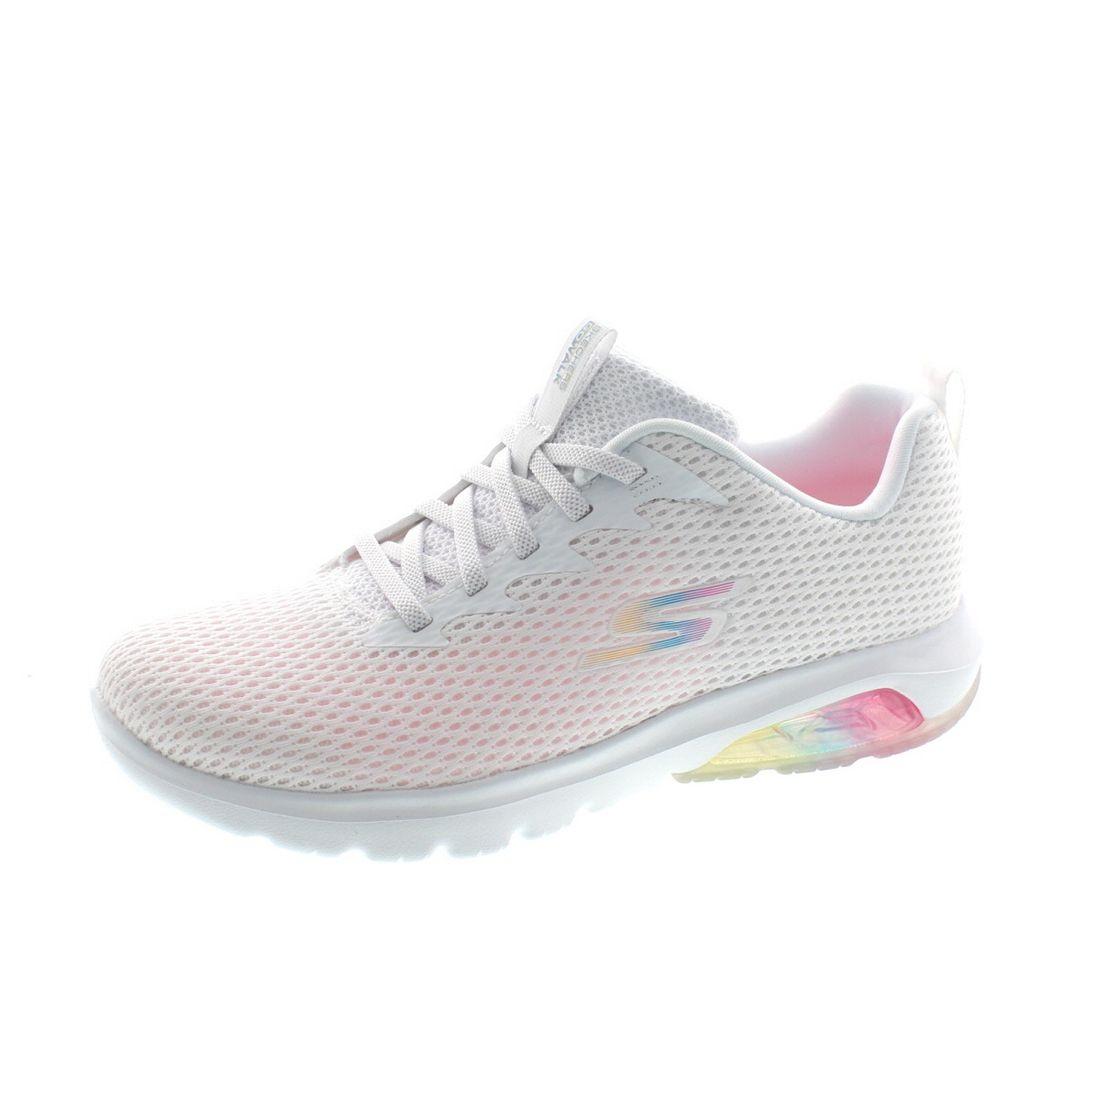 Skechers Damen - Sneaker Go Walk Air Whirl 124074 - white